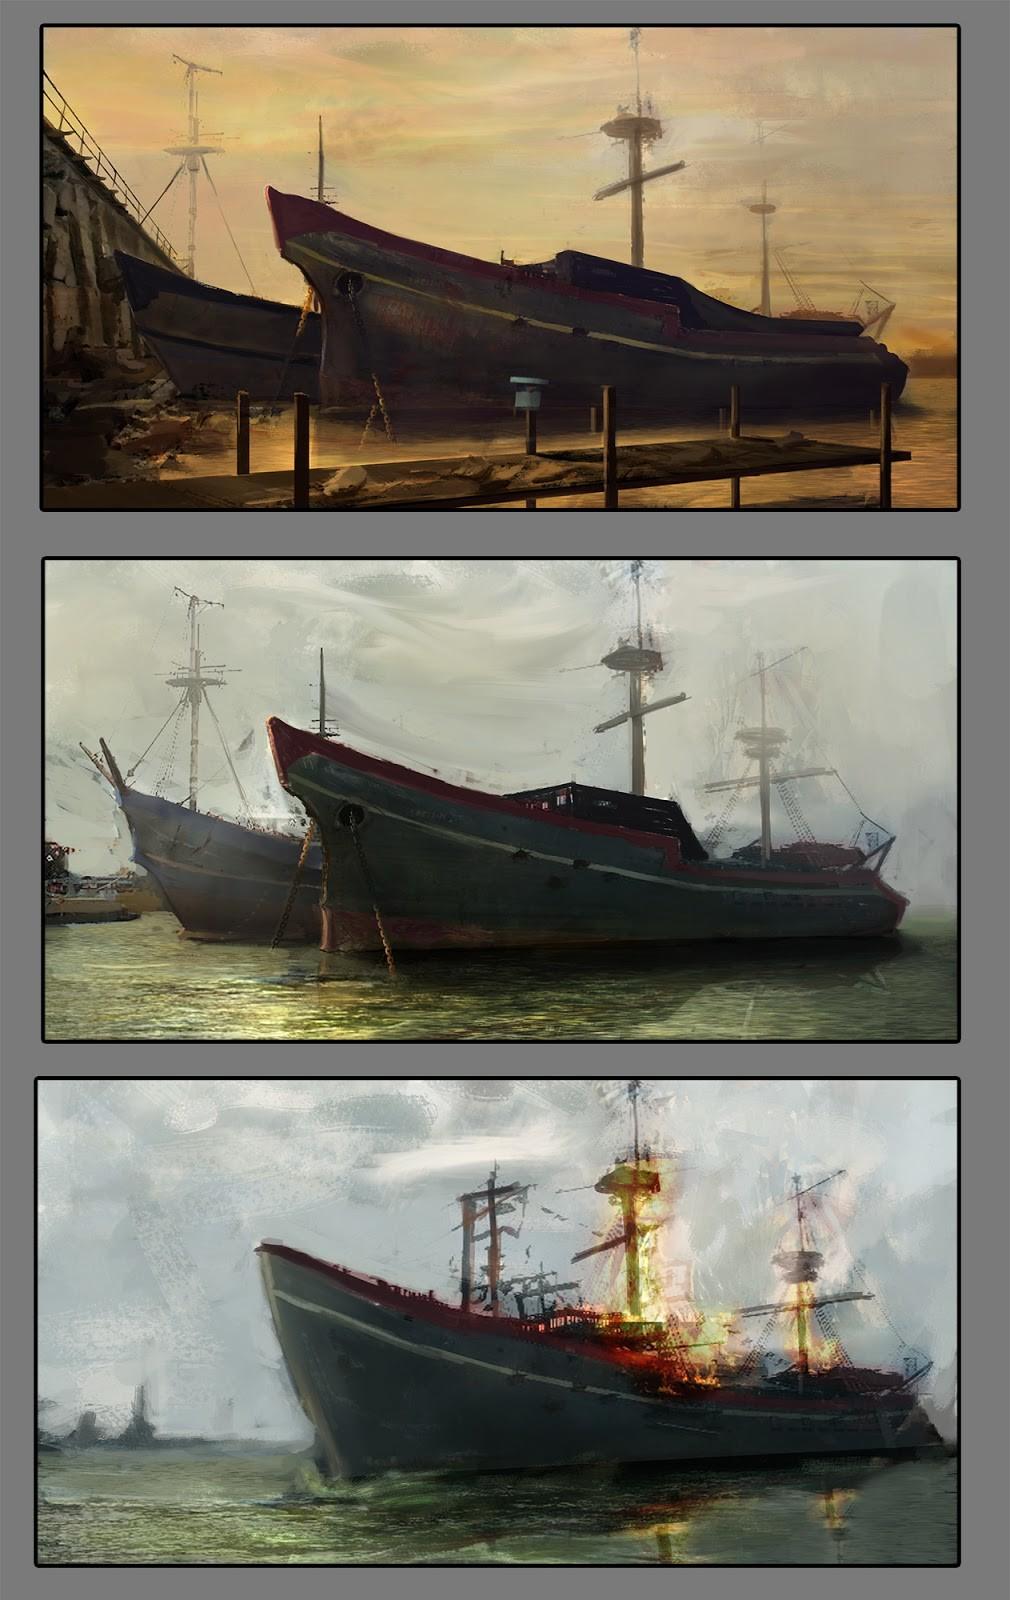 Andrew hunt boat